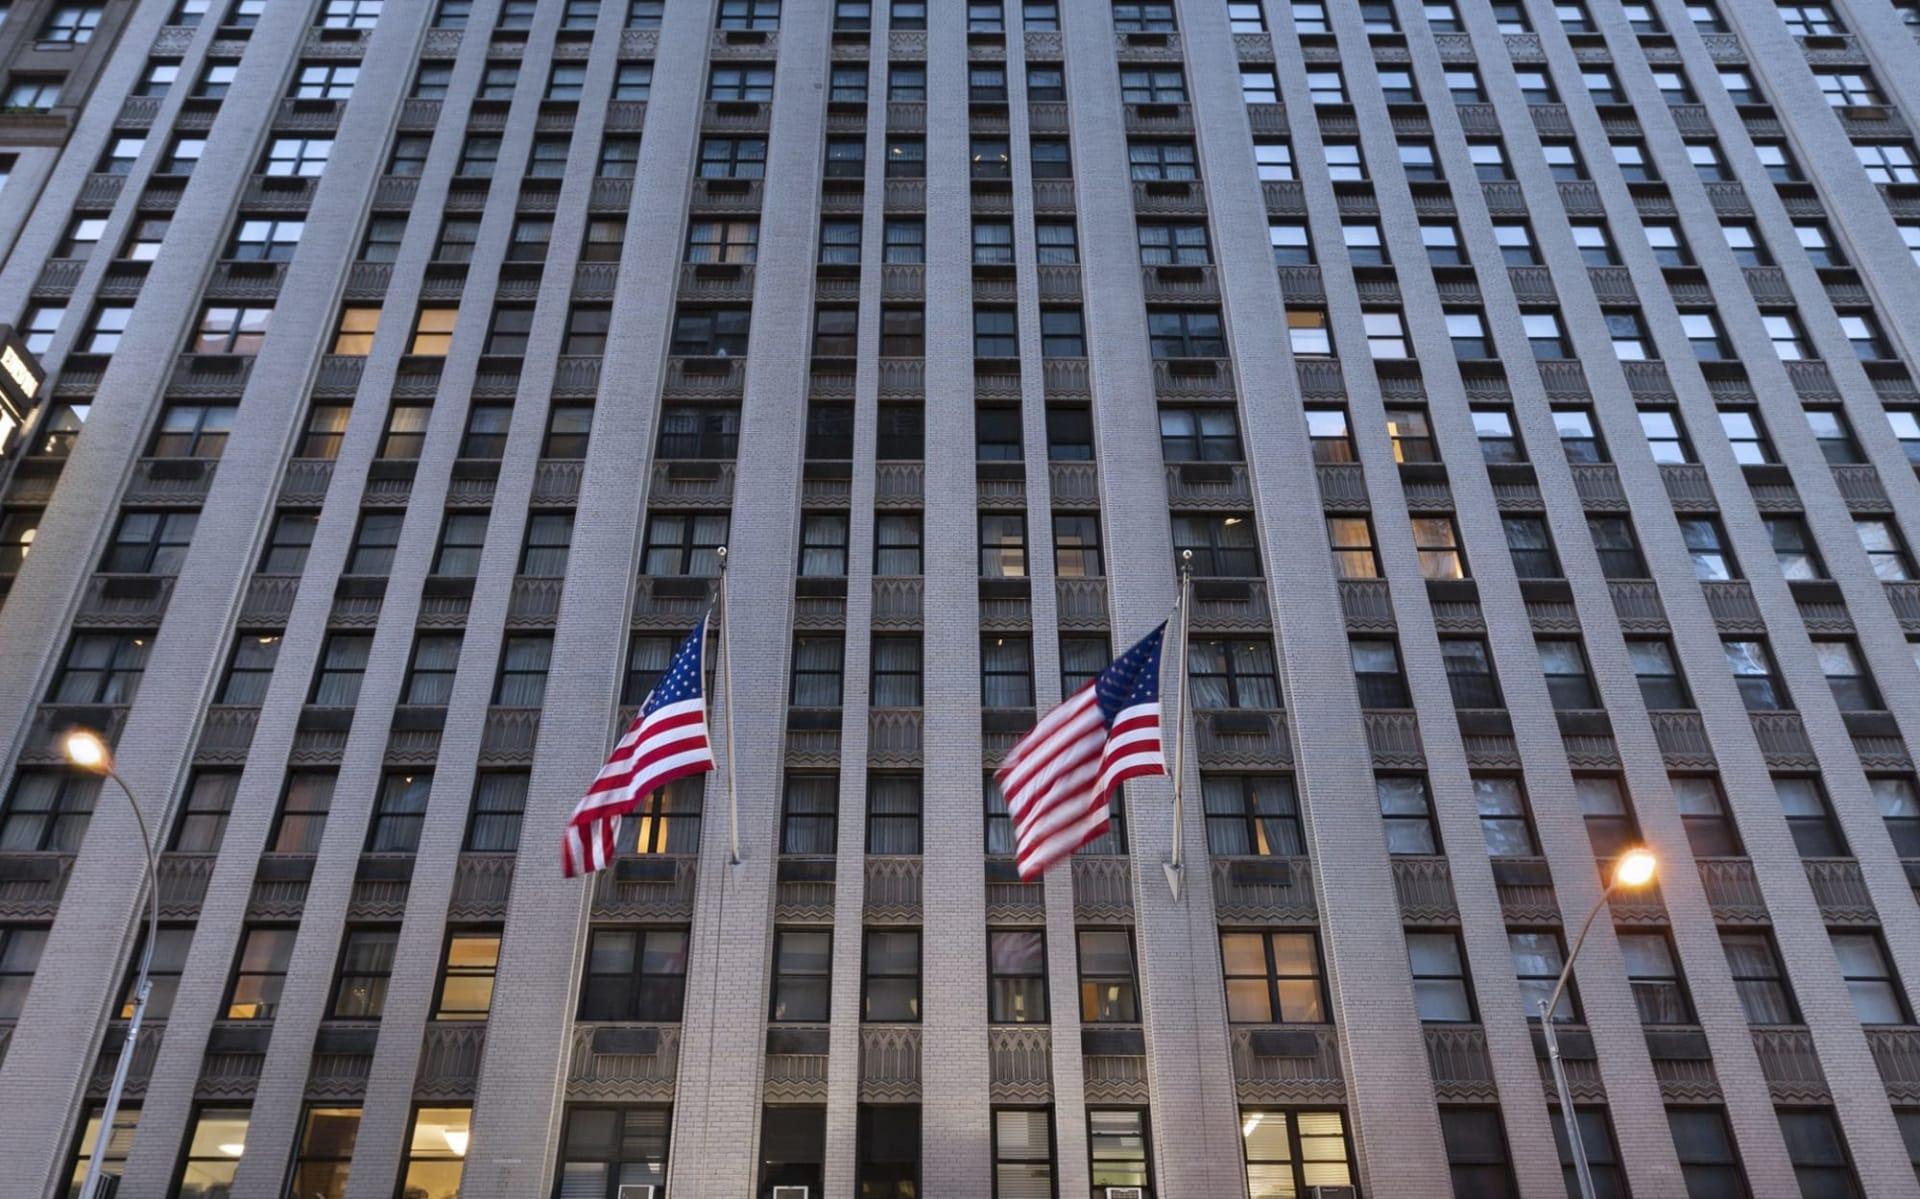 Edison Hotel in New York - Manhattan:  Edison - Aussansicht